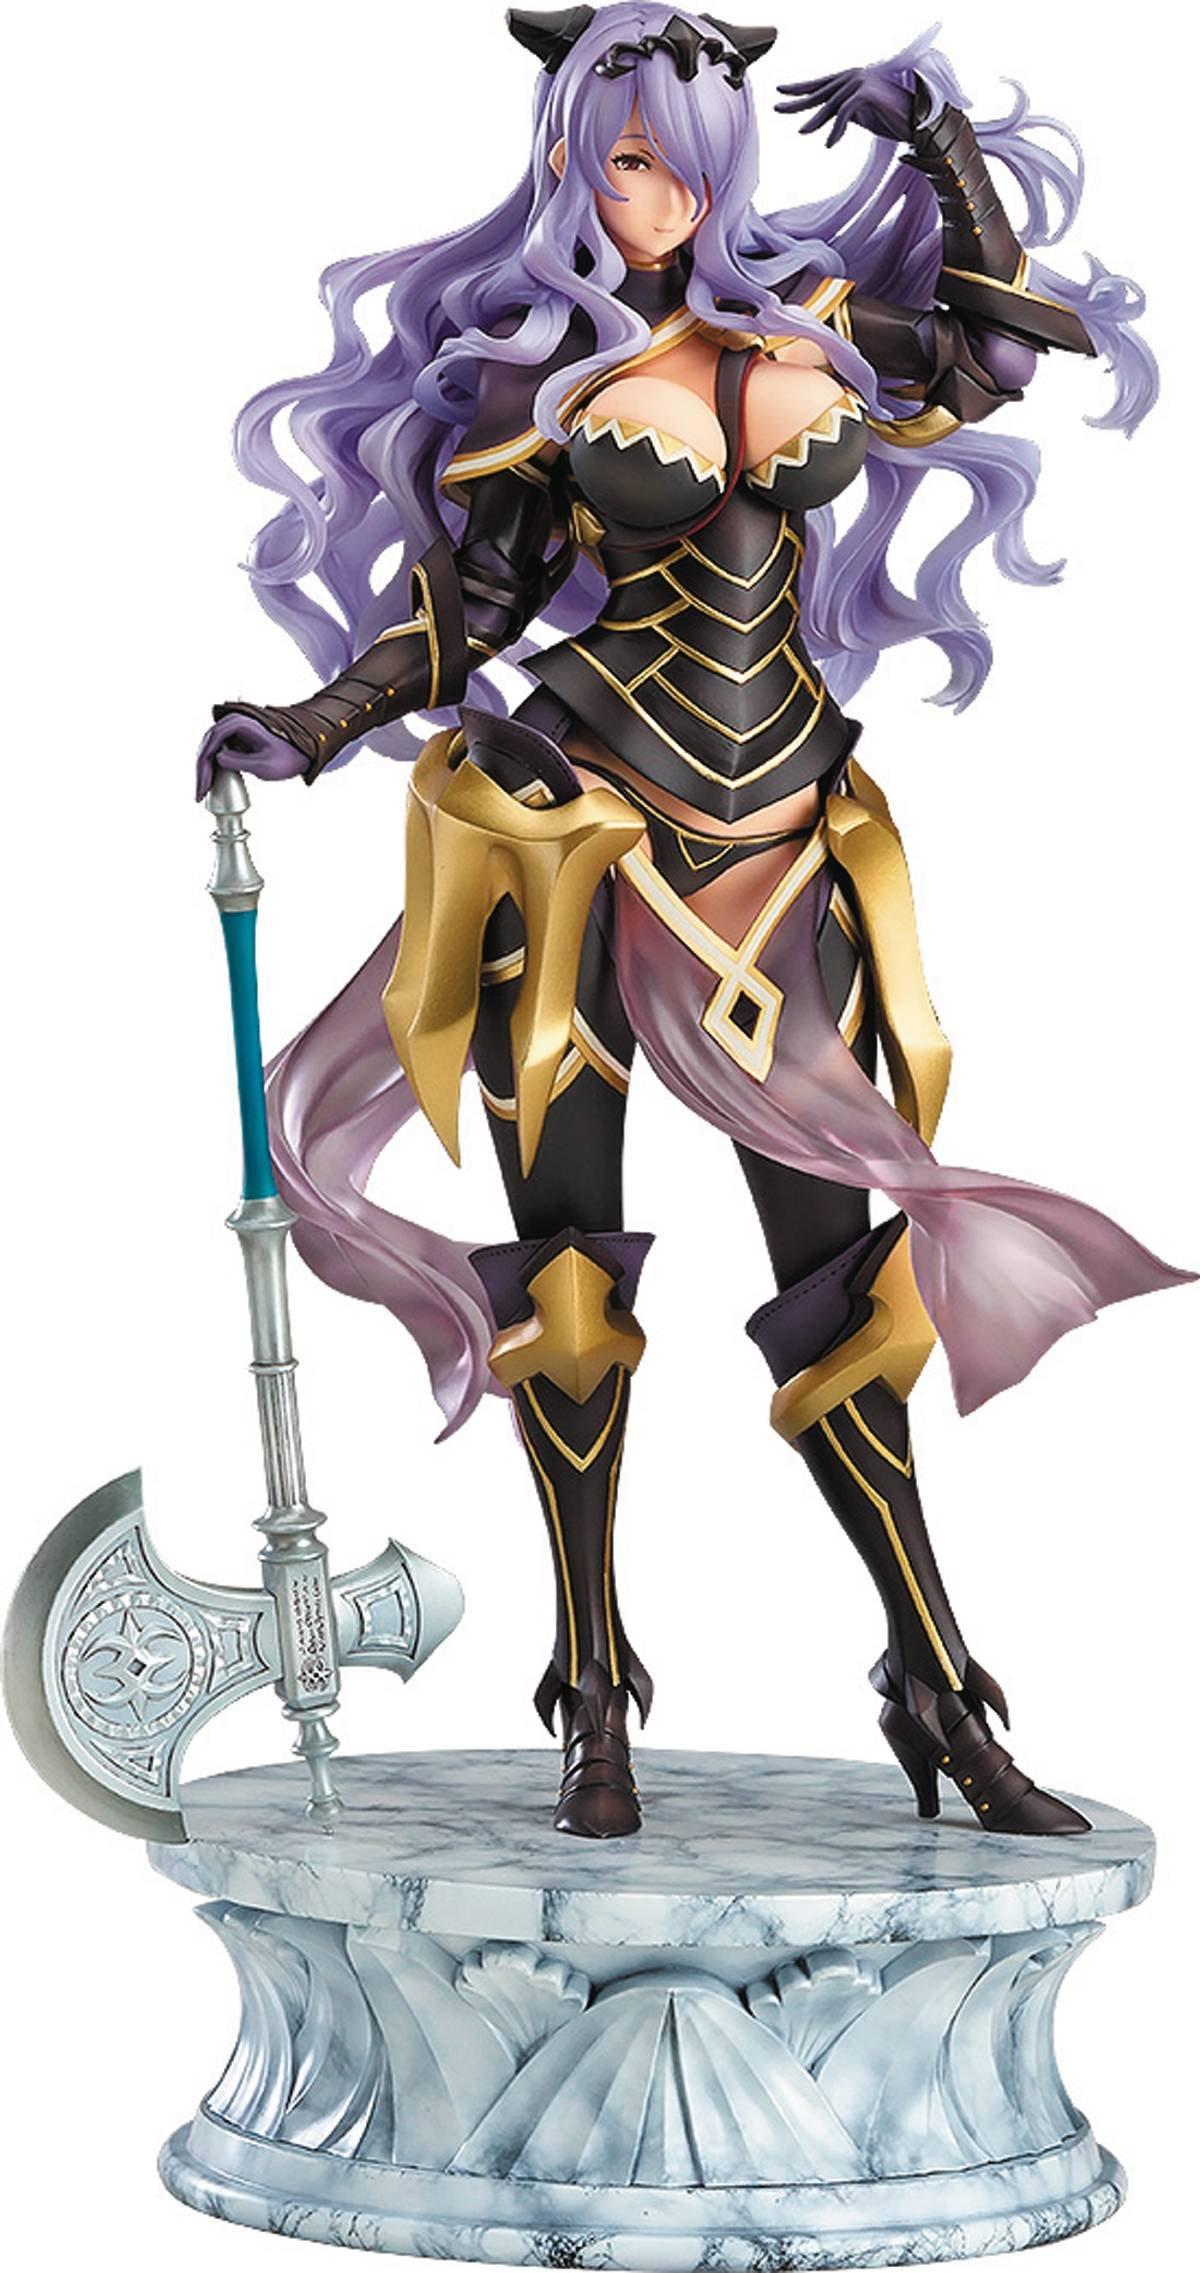 Fire Emblem Fates Camilla 1:7 Scale Figure